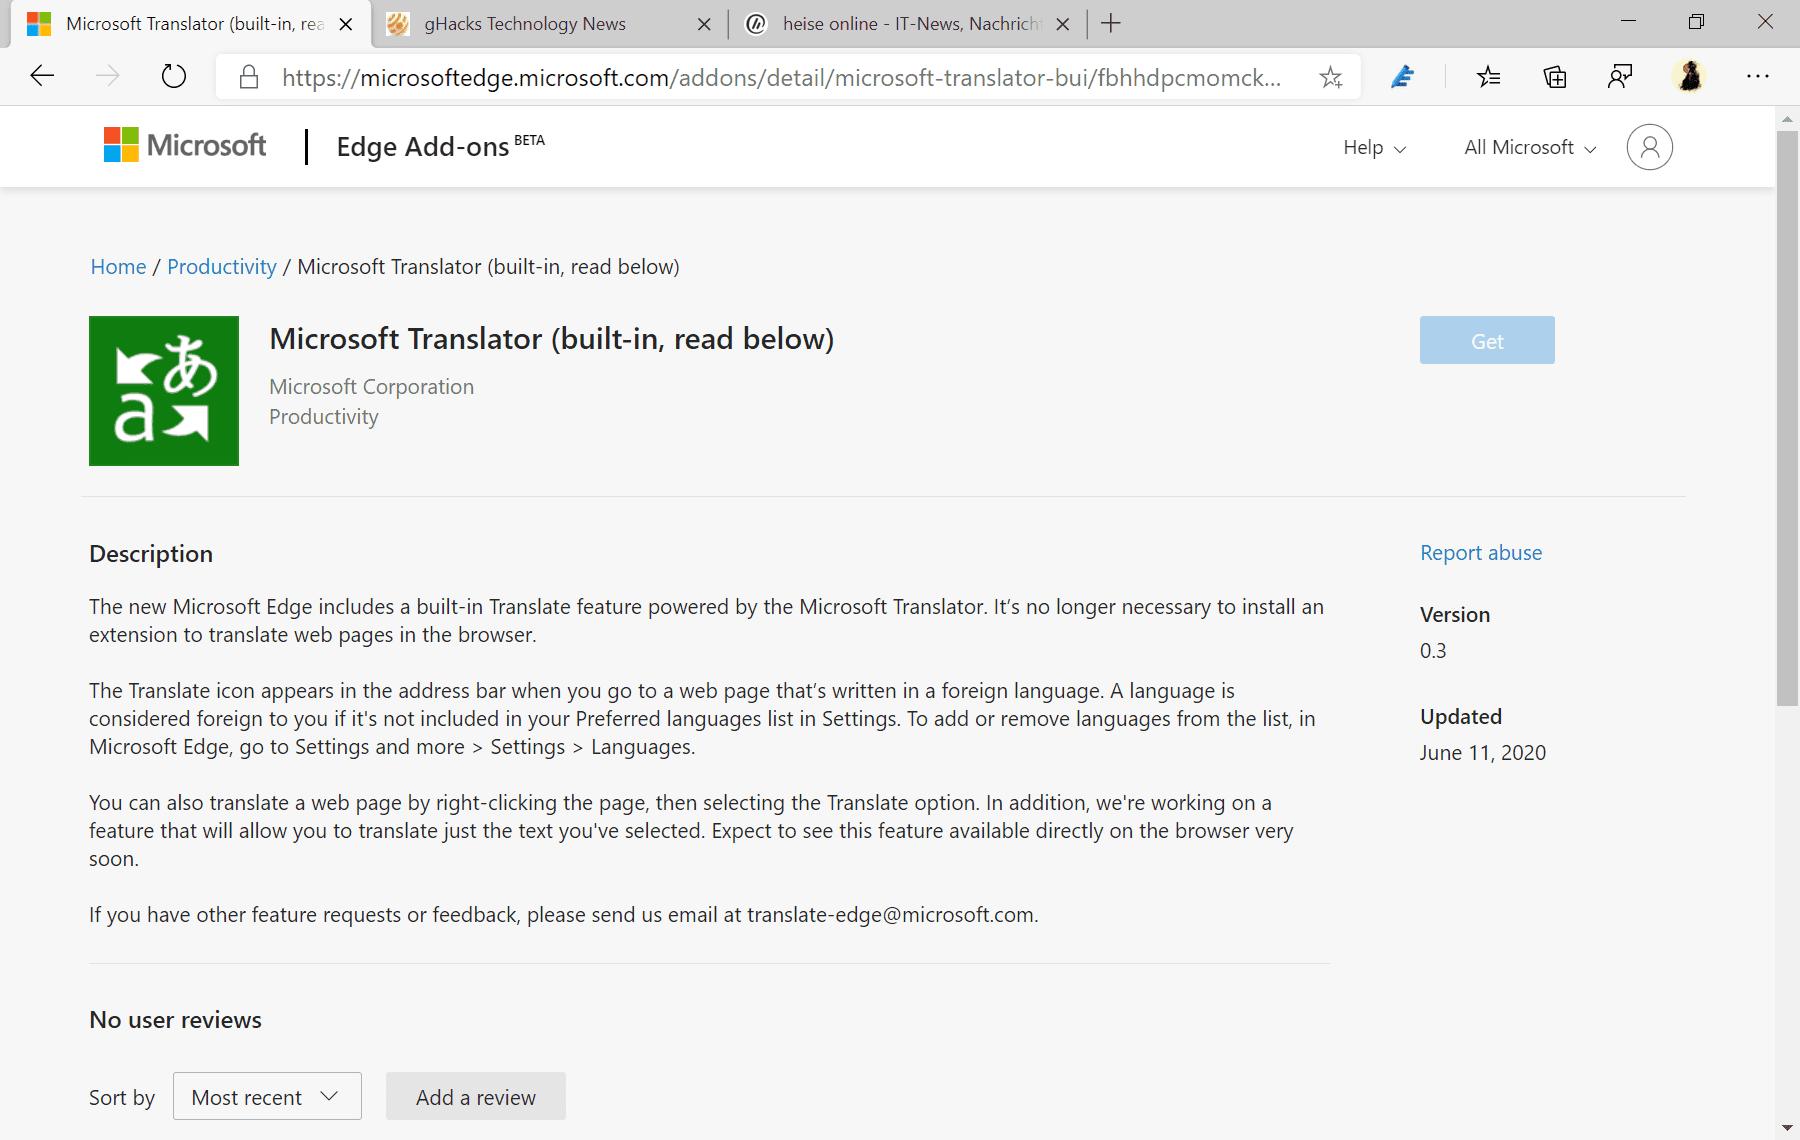 el traductor de Microsoft consigue